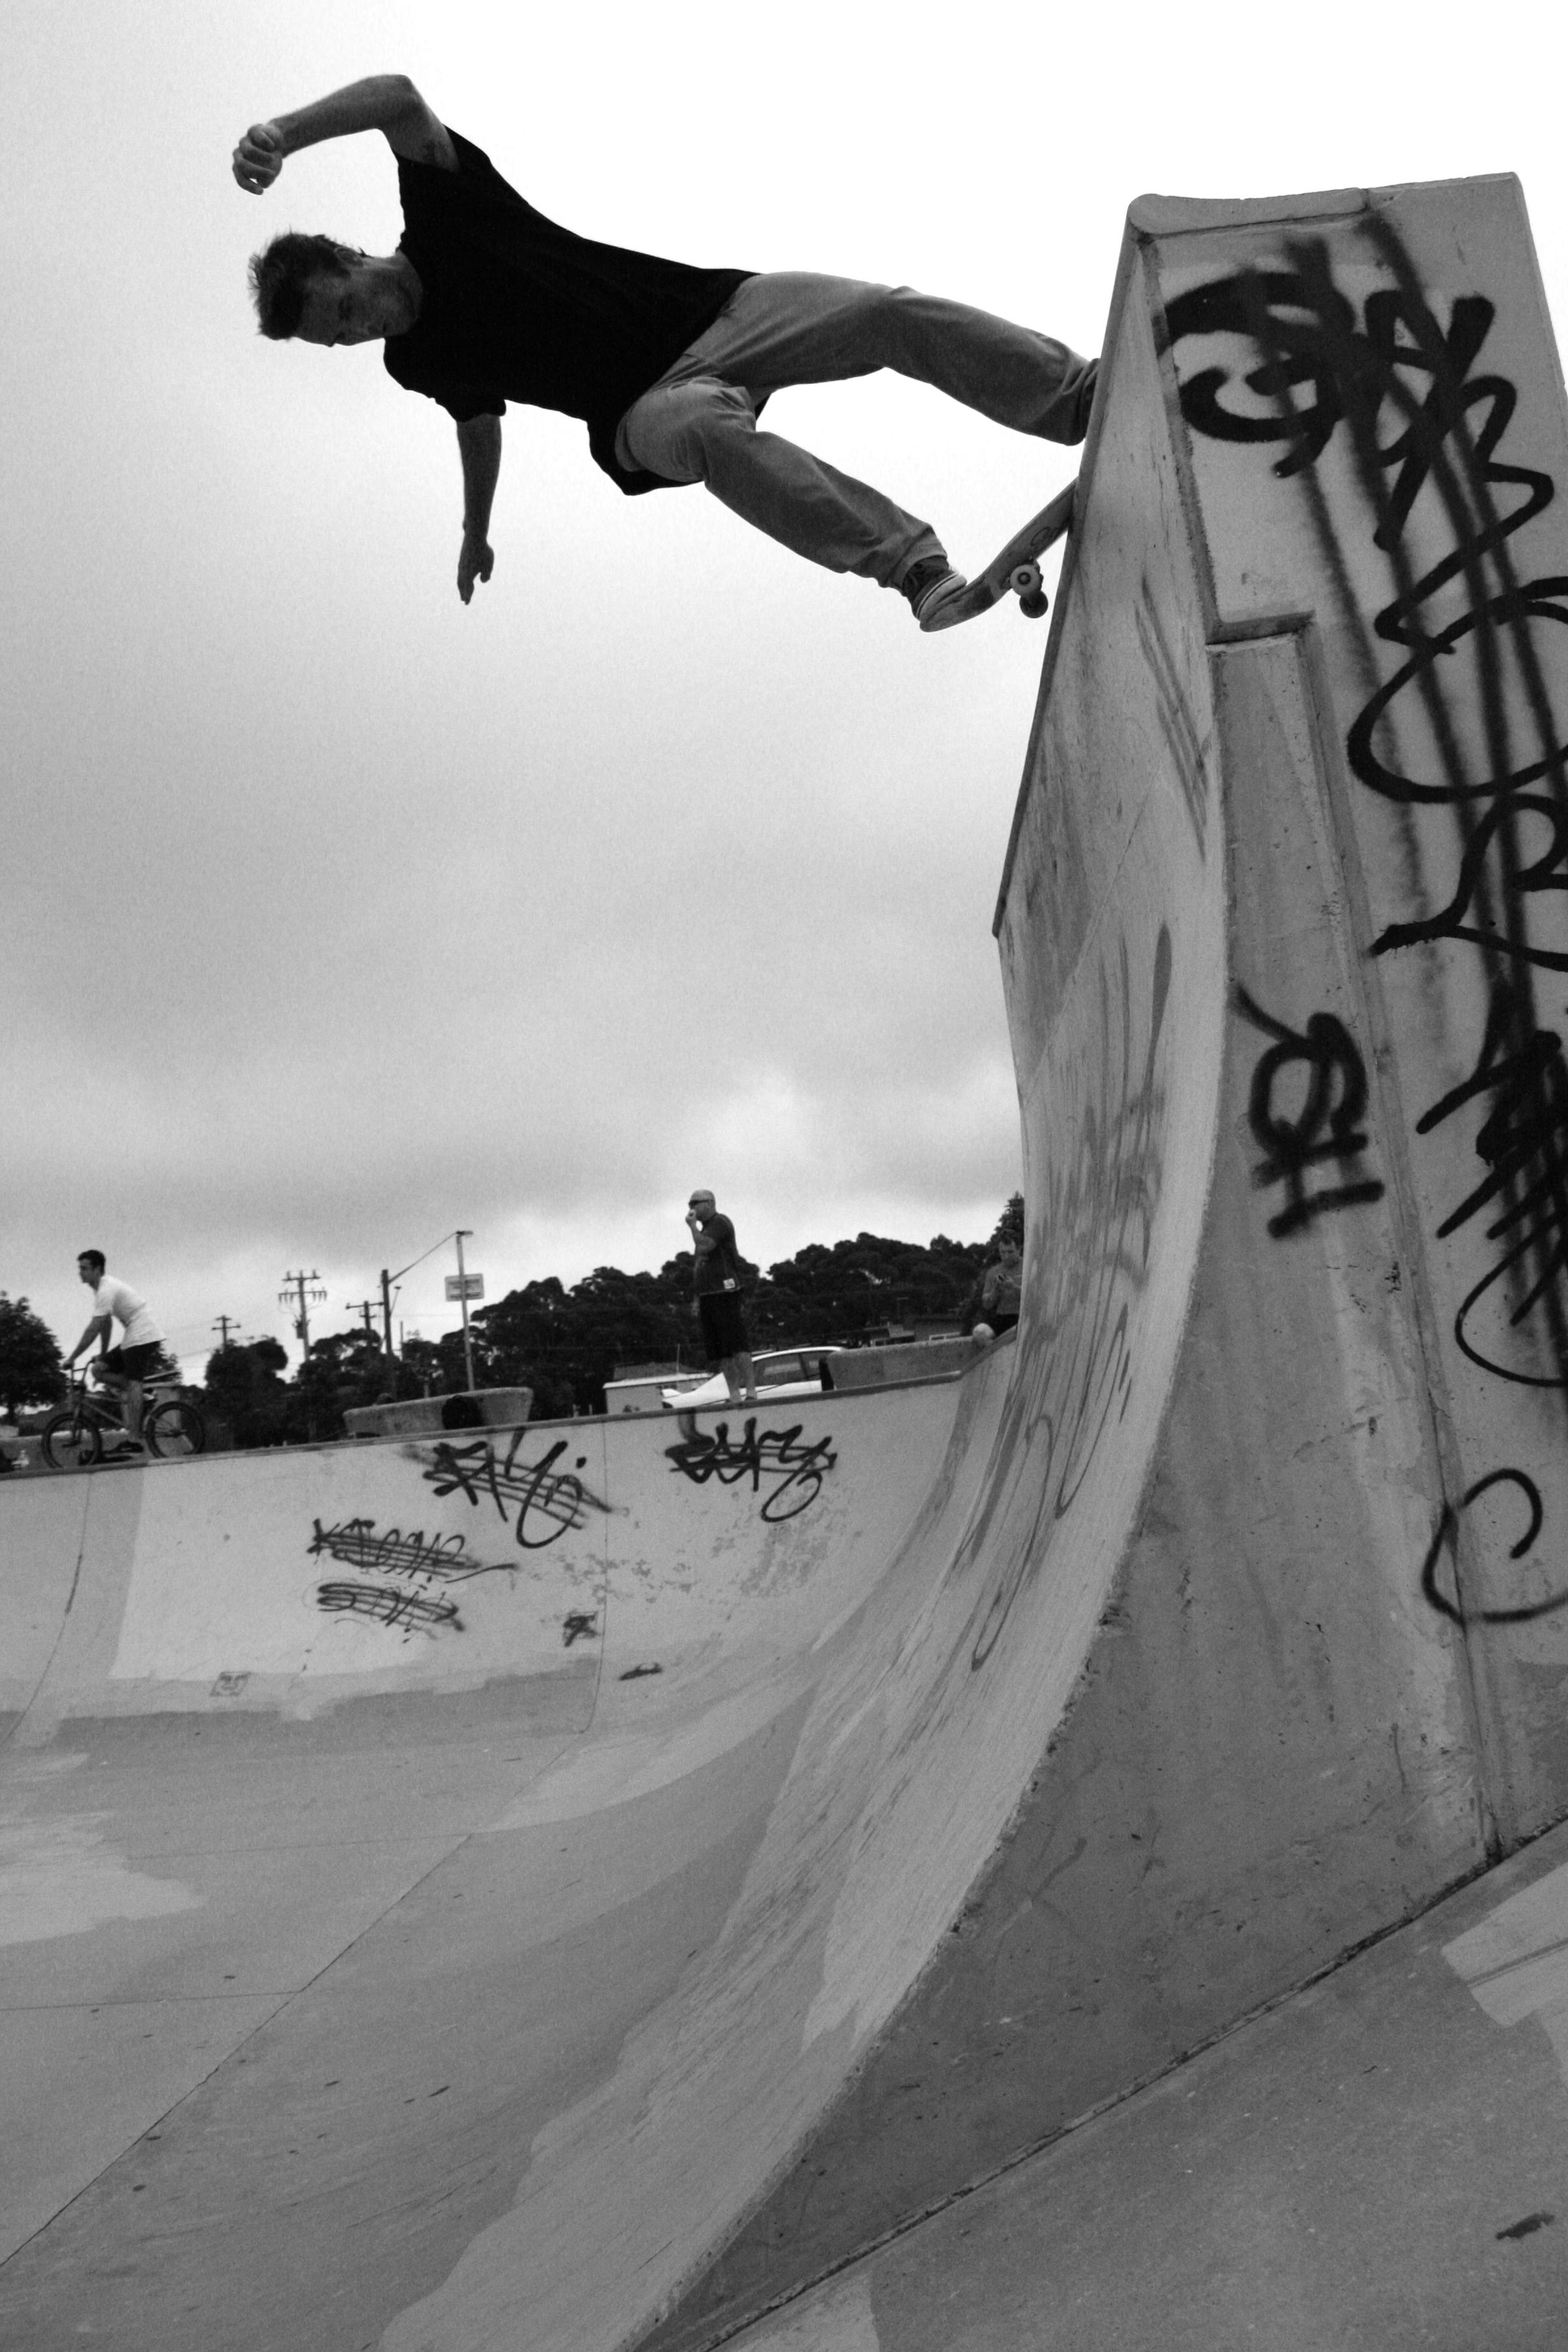 bd5ca2bf0e skaterflipoffcrop skate-ollie skate-ramp ...